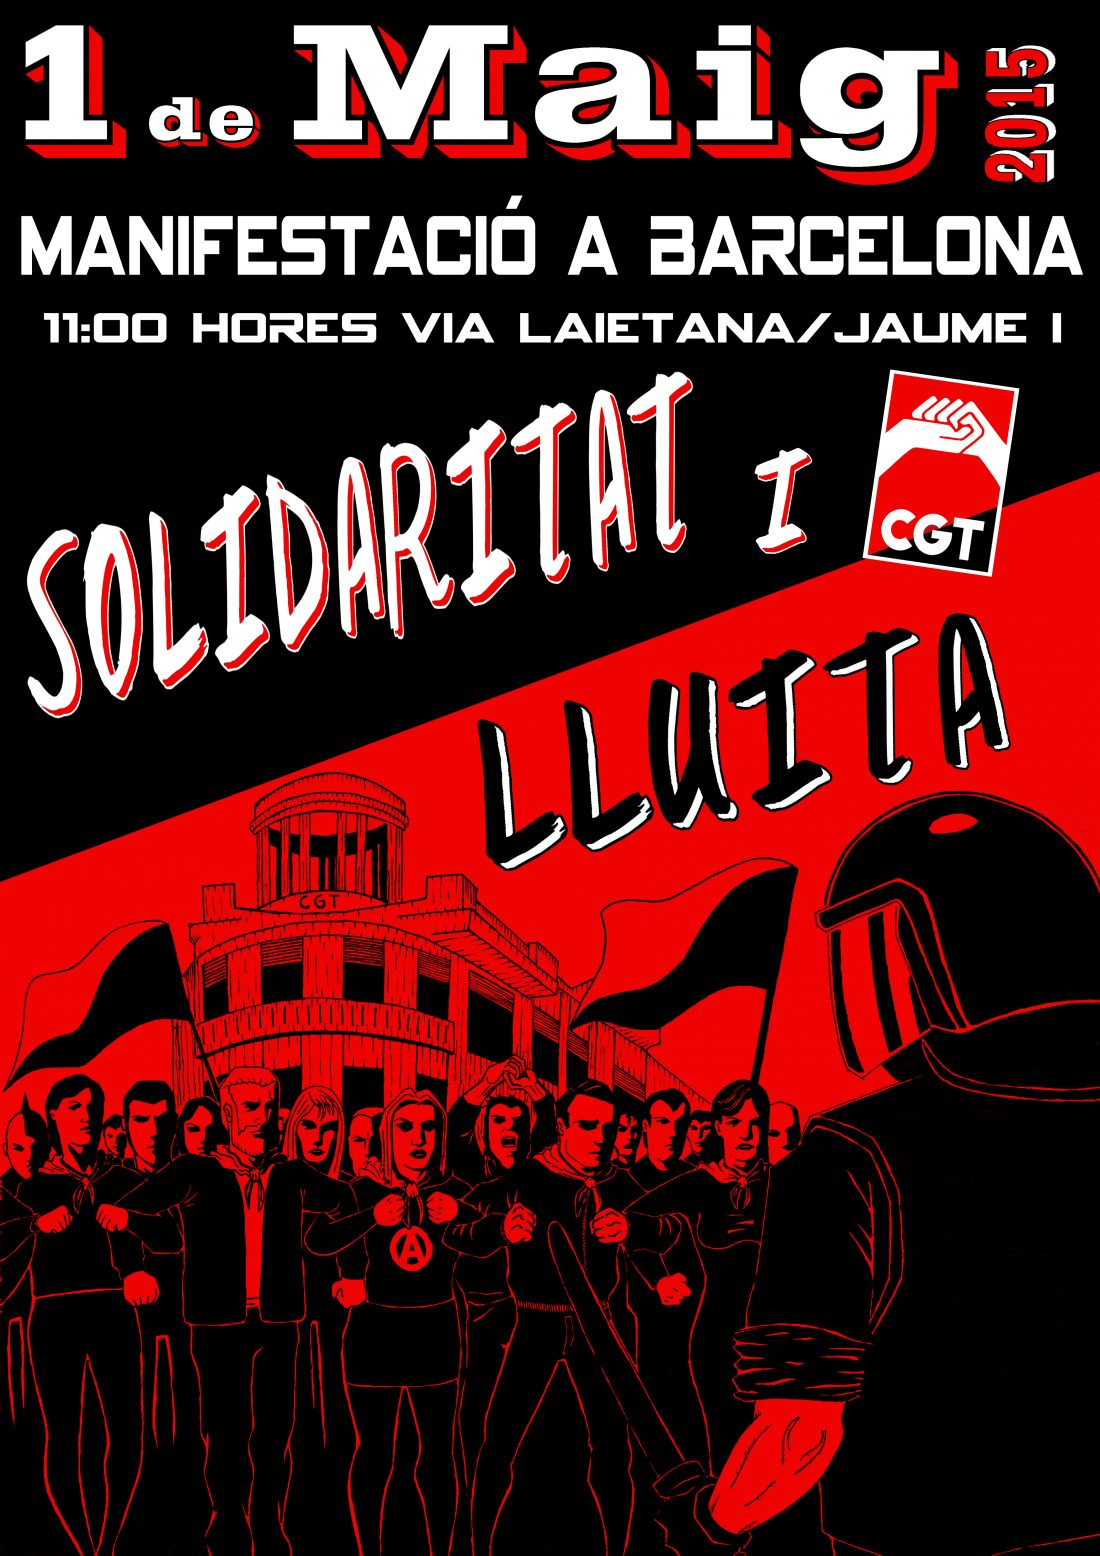 1º de Mayo Solidaridad y Lucha, Manifestación en Barcelona, 11 Horas Via Laietana/Jaume I